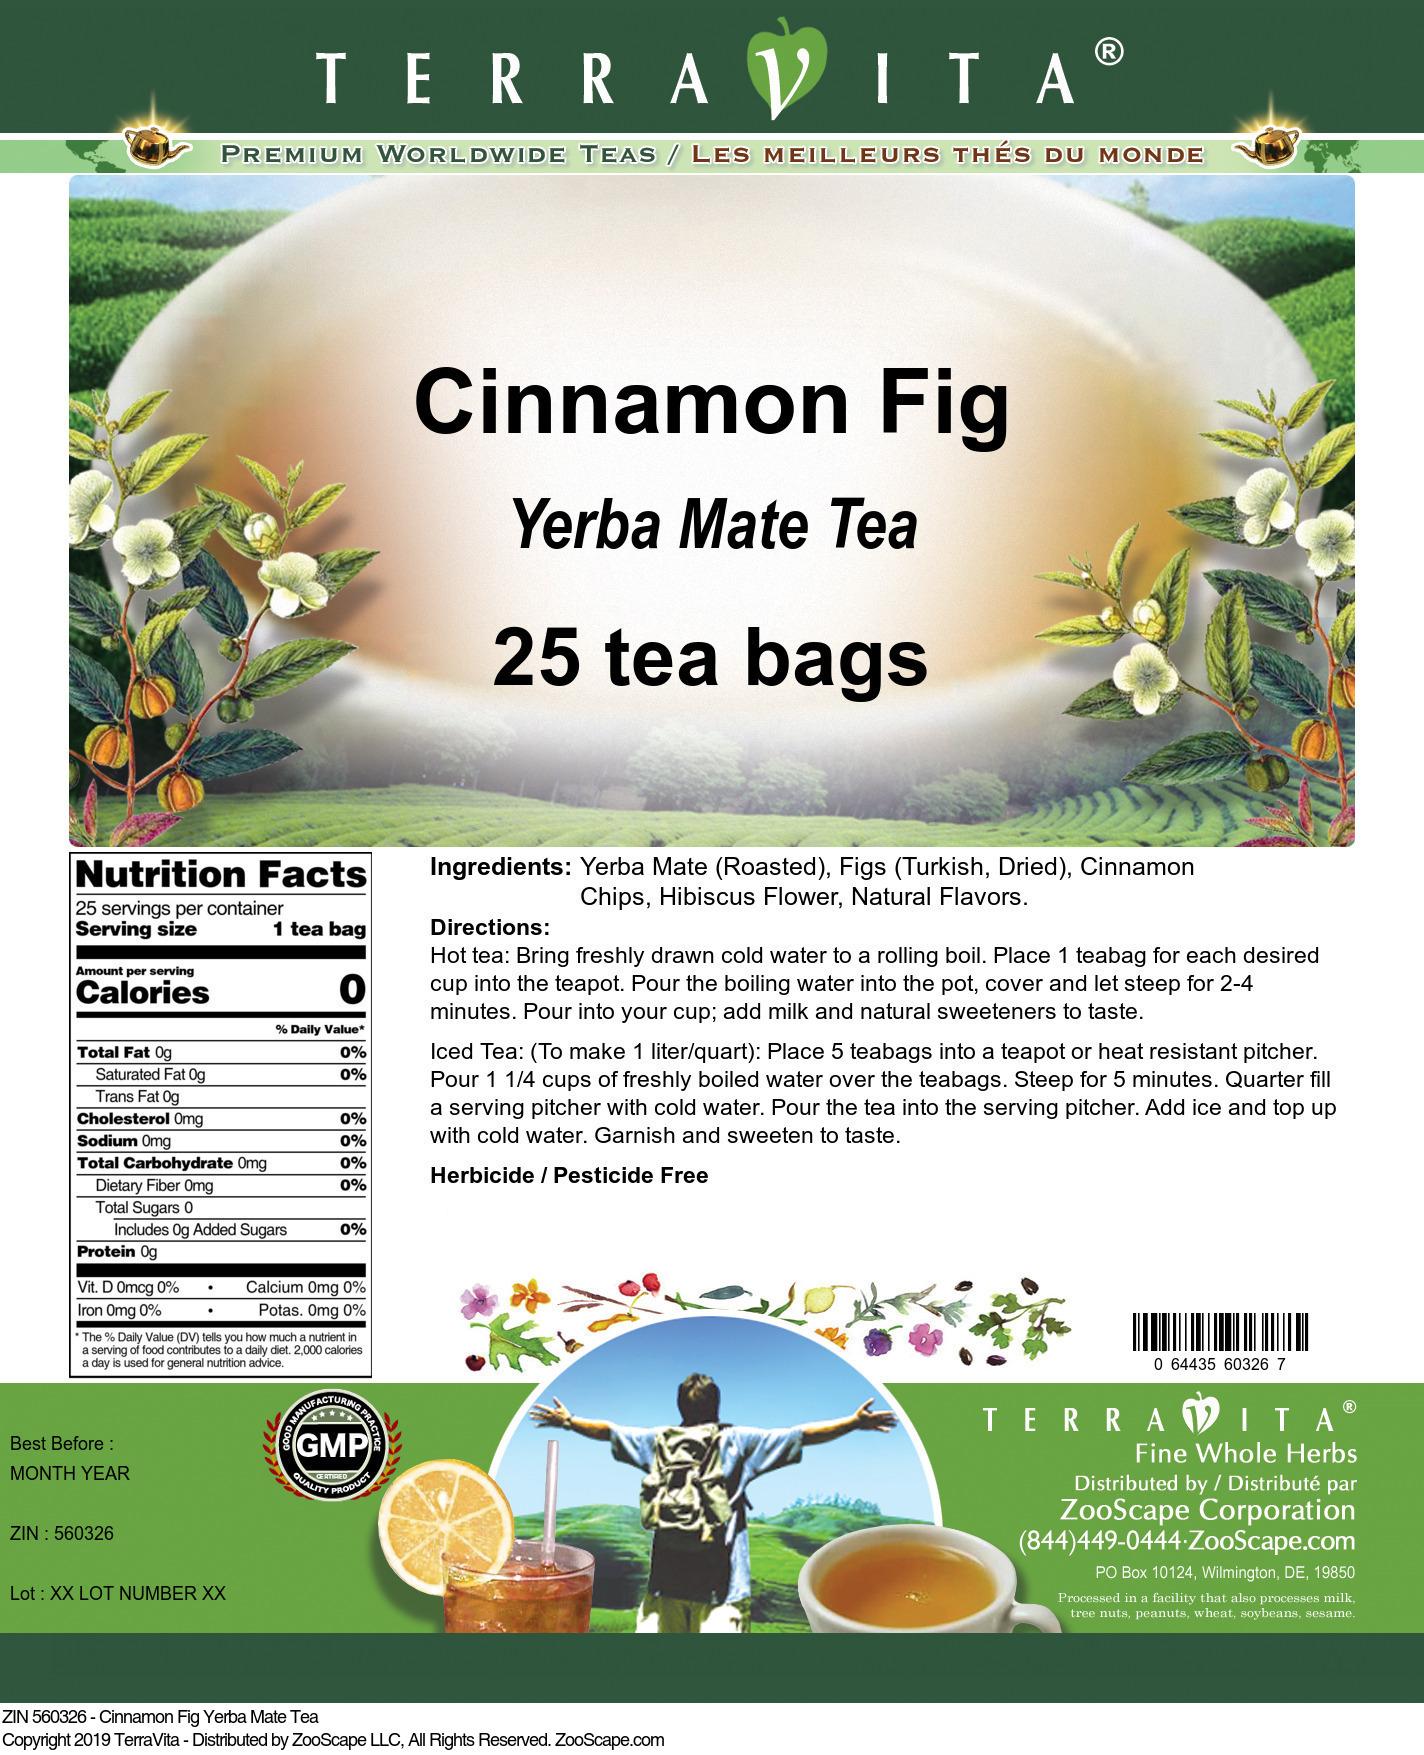 Cinnamon Fig Yerba Mate Tea